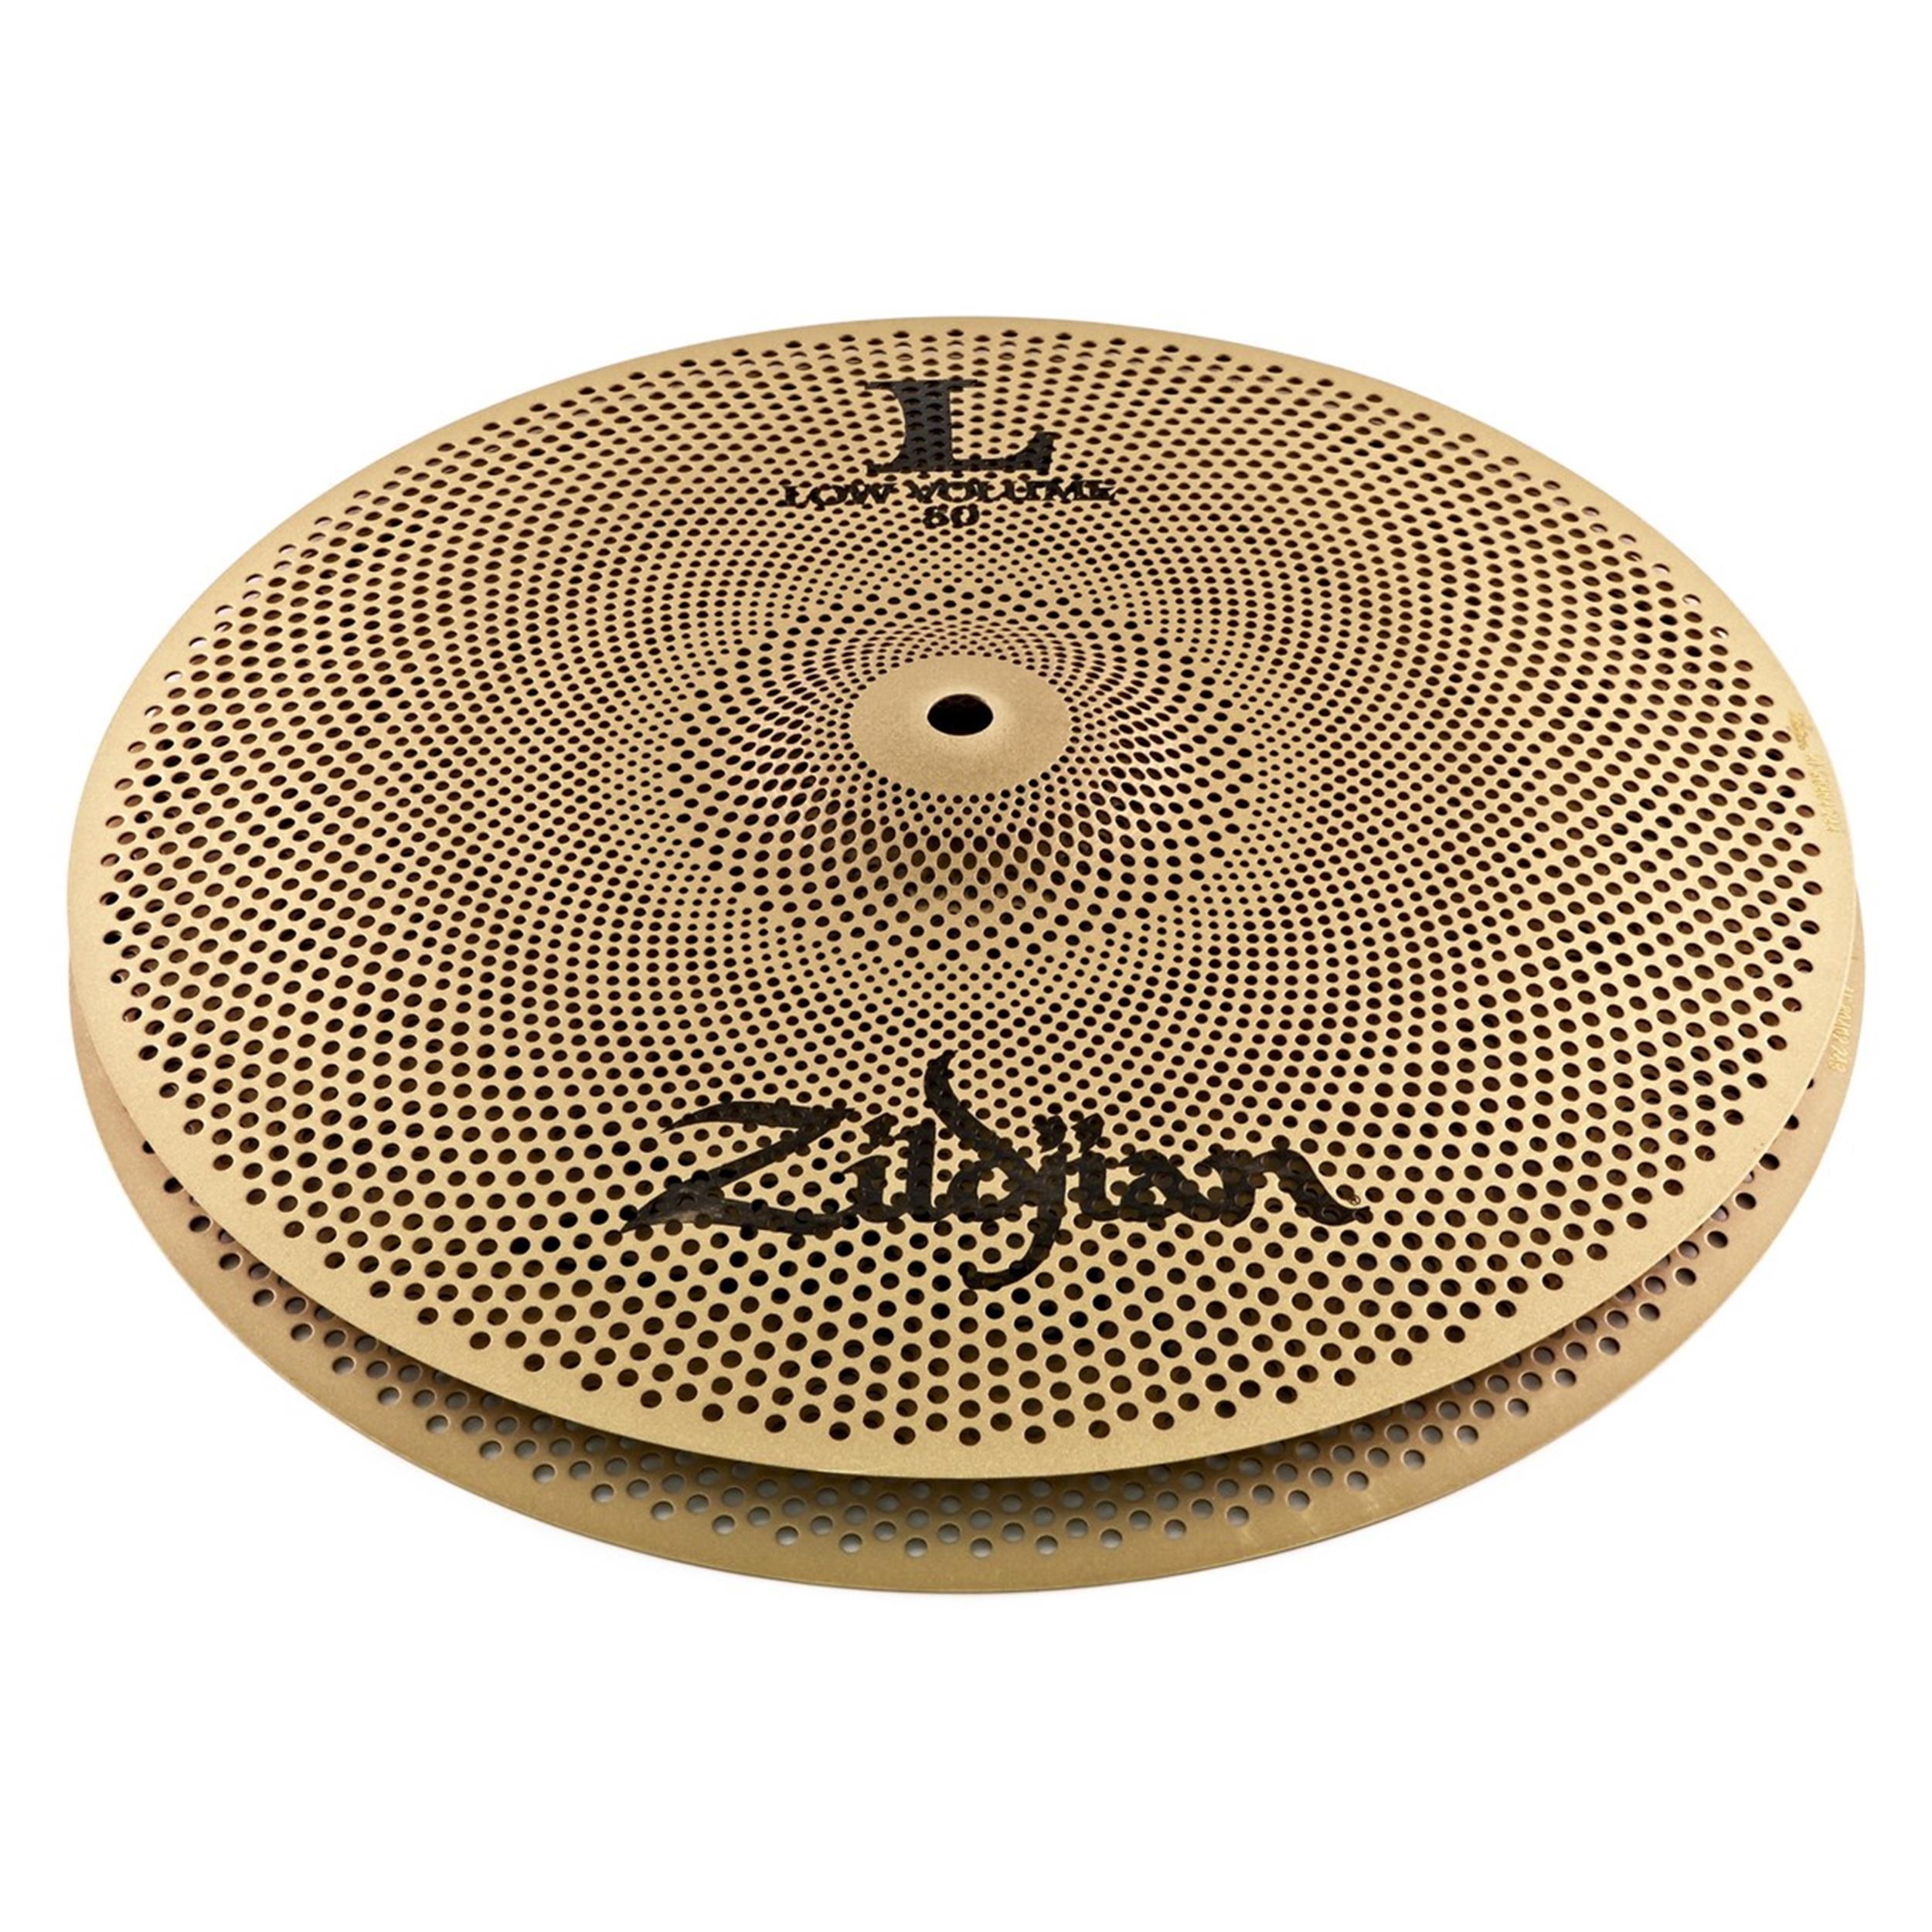 Zildjian-14-L80-Low-Volume-Hi-hat-cm-36-sku-9022057216009